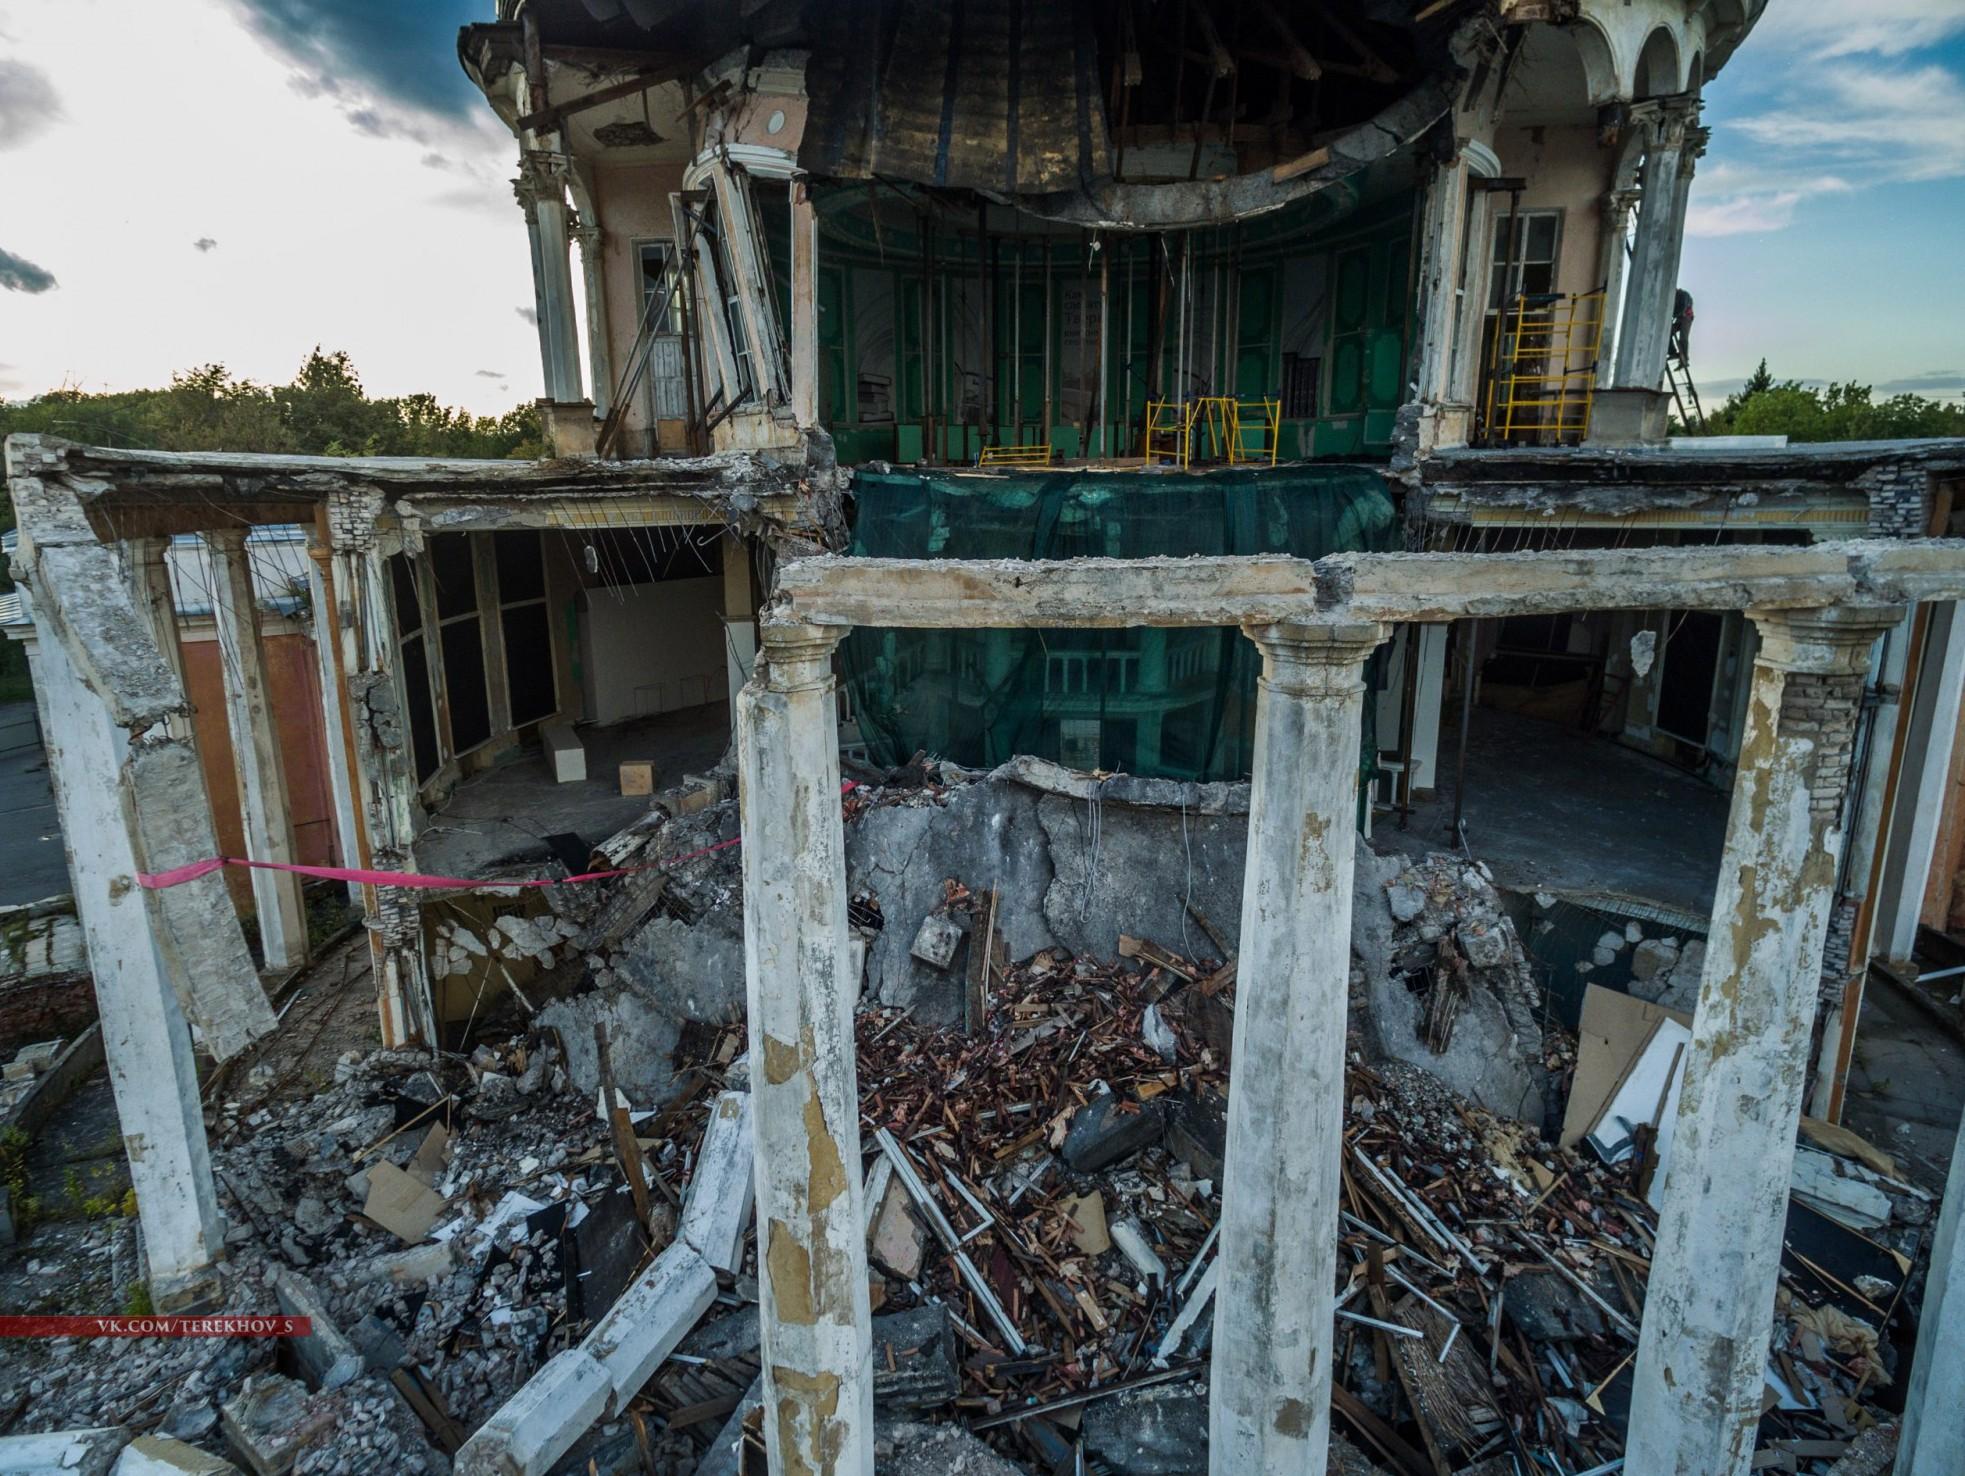 Сооружение Речного вокзала отсканировали, чтобы потом восстановить вточности